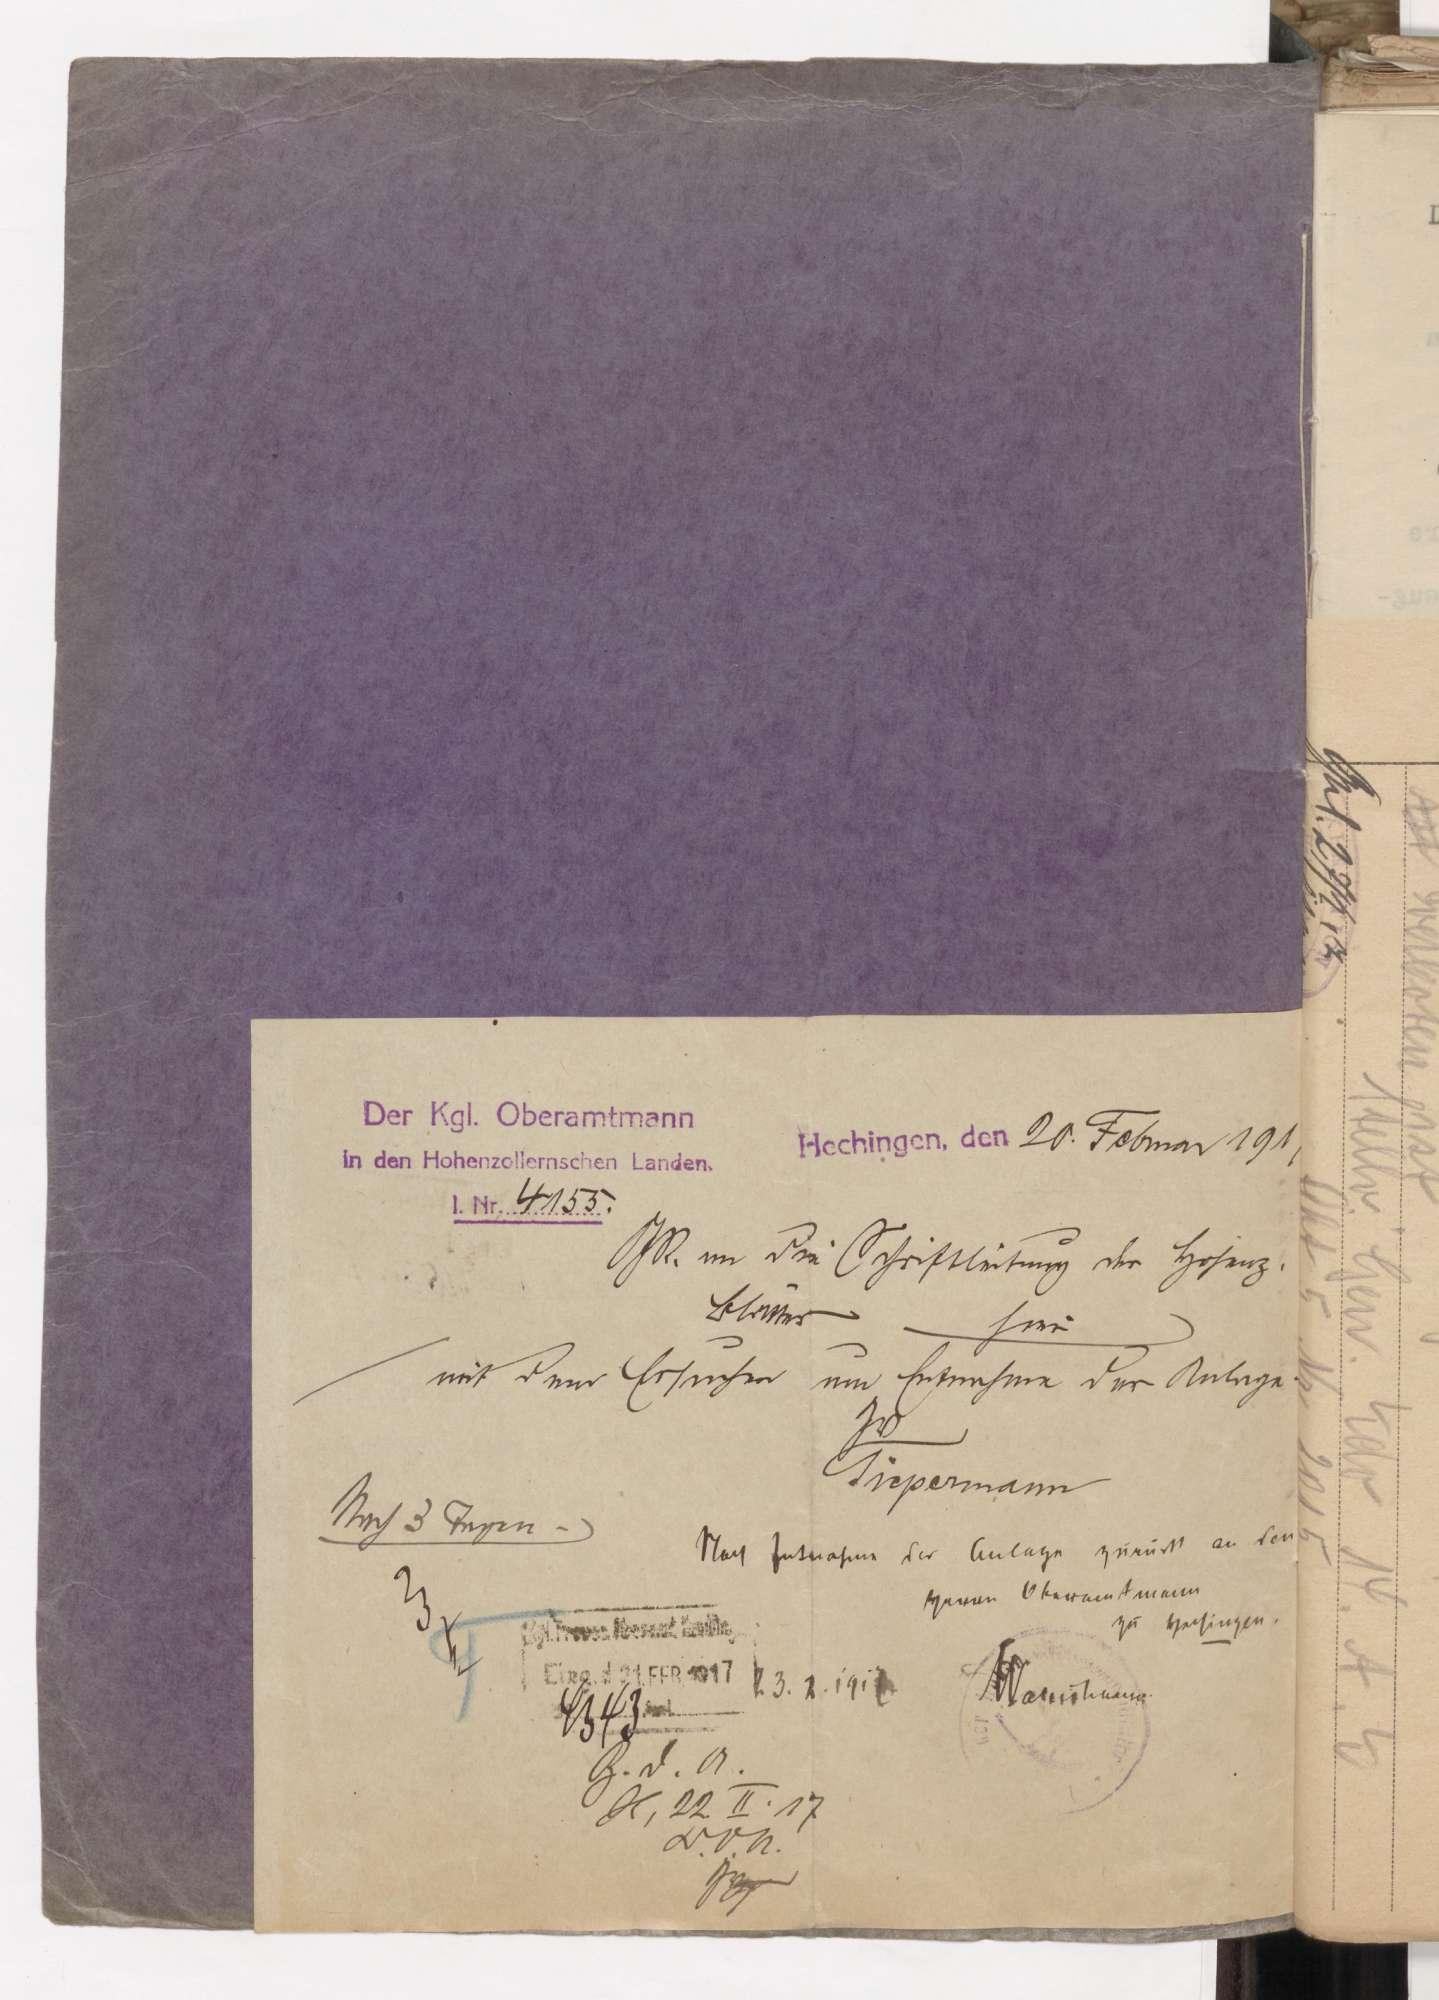 Presse-Zensur im Kriege 1914 - 1918 mit Weisungen für die Presse, Bild 3